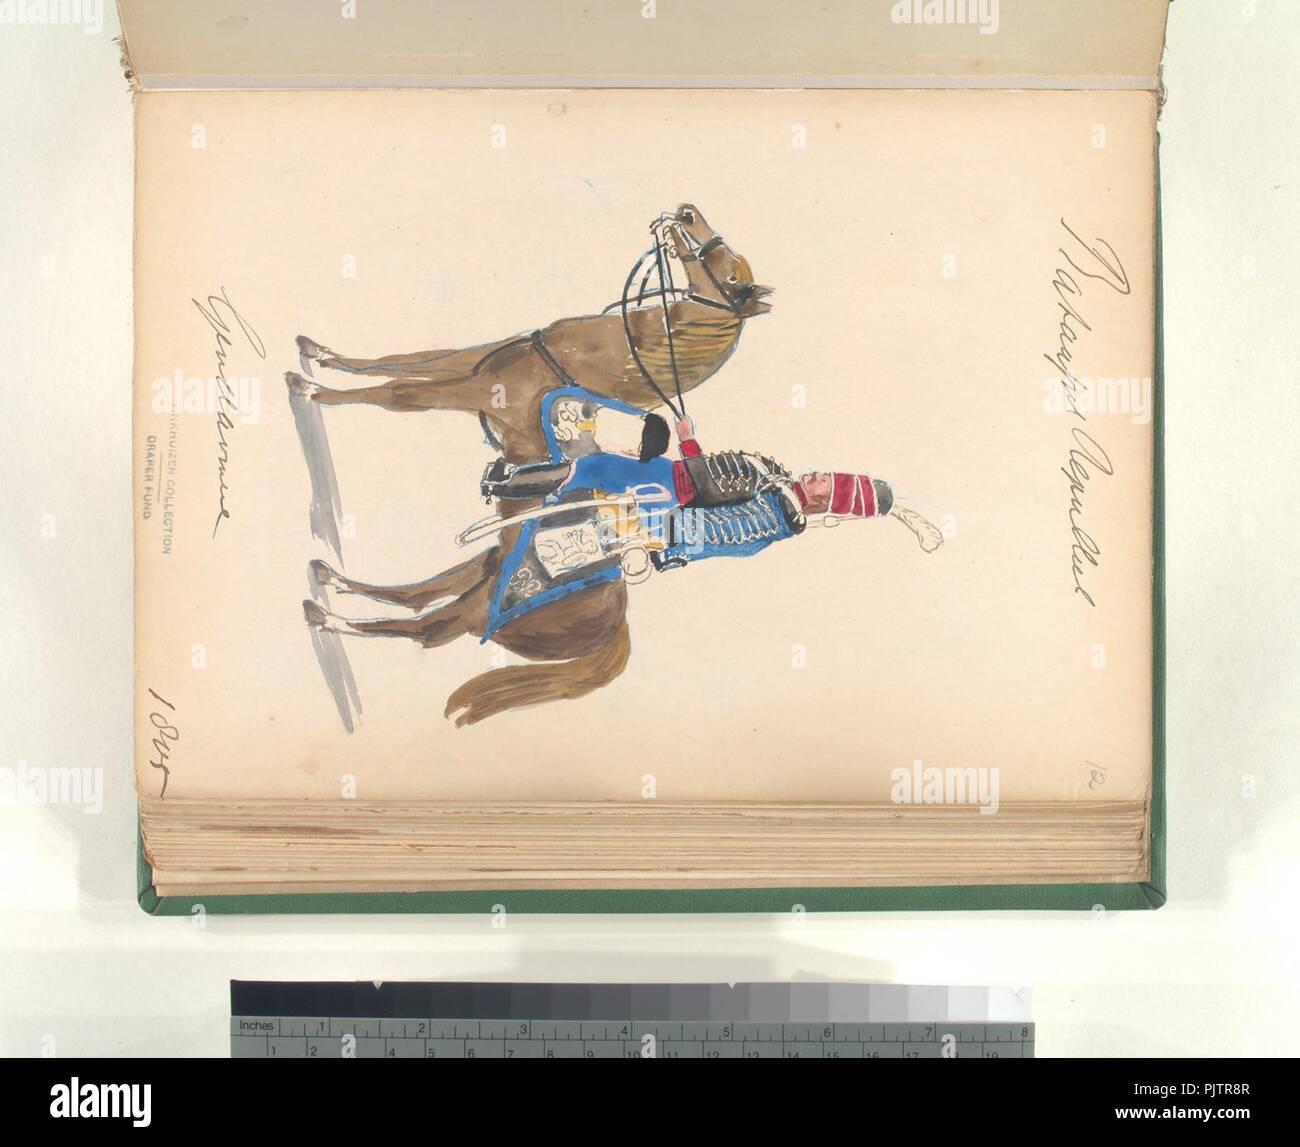 Bataafsche Republiek. Gendarmerie. 1805 - Stock Image